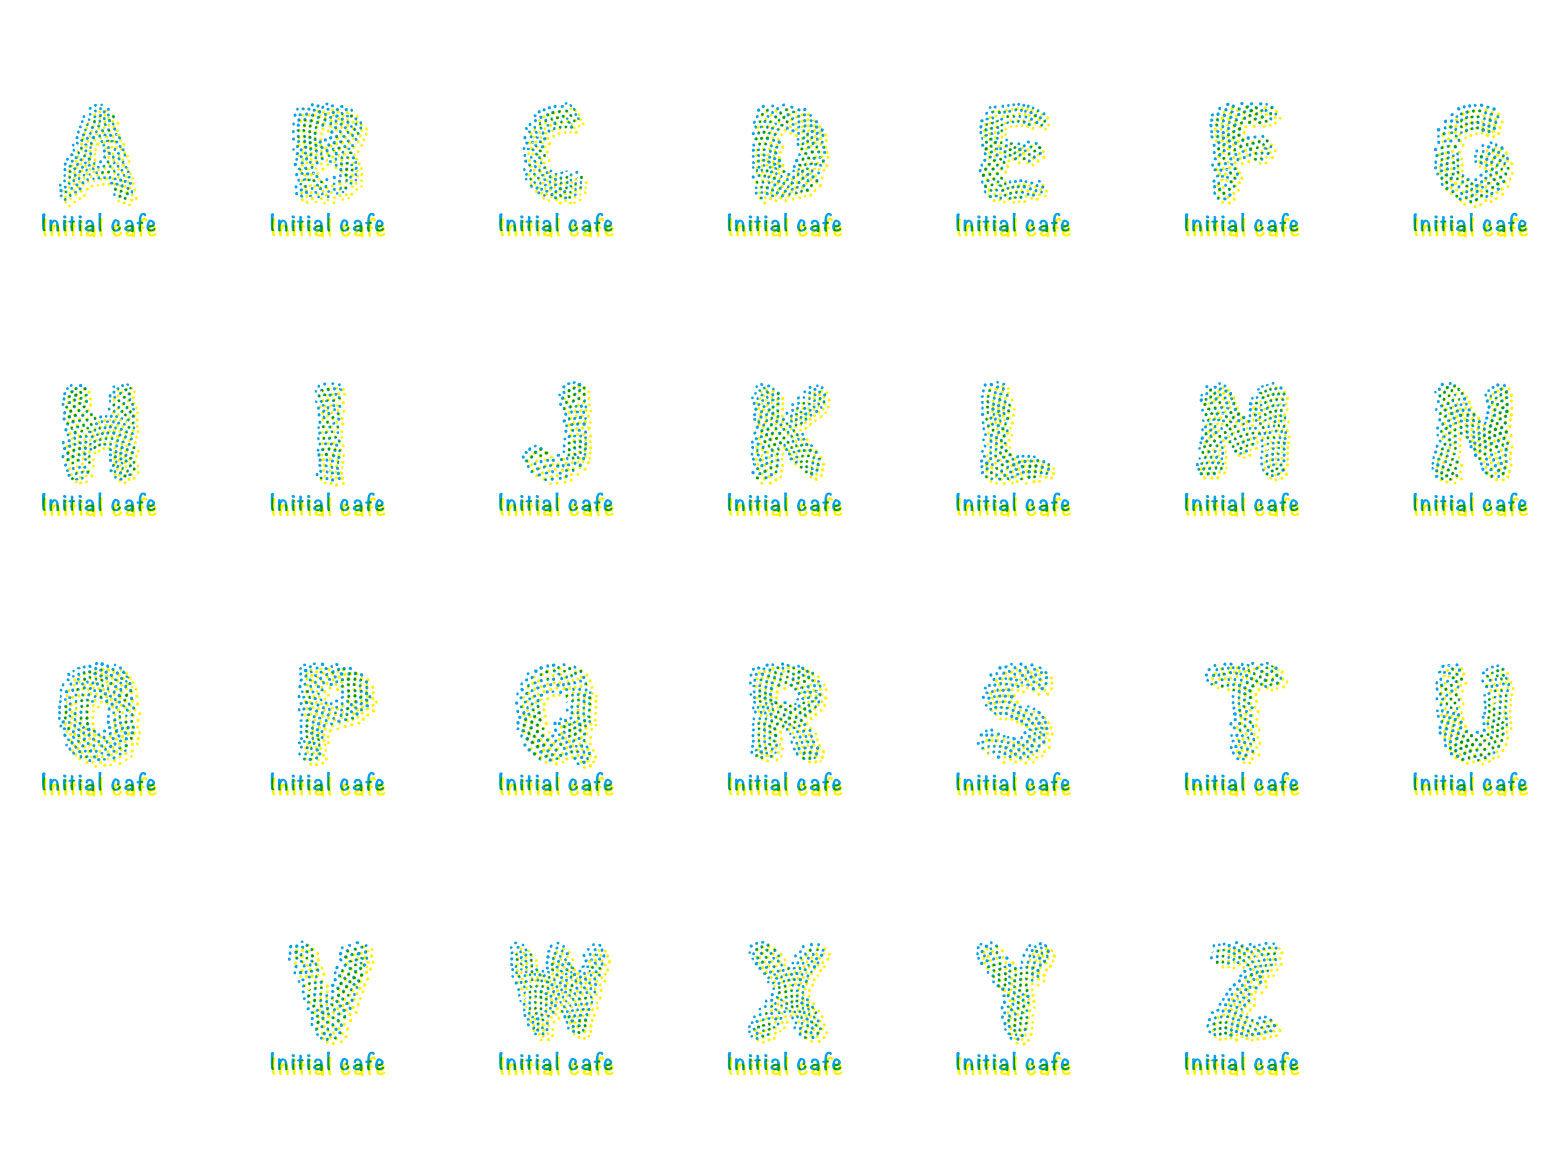 ブルードット イニシャル アルファベット素材  AからZ ベクターデータで無料でダウンロード